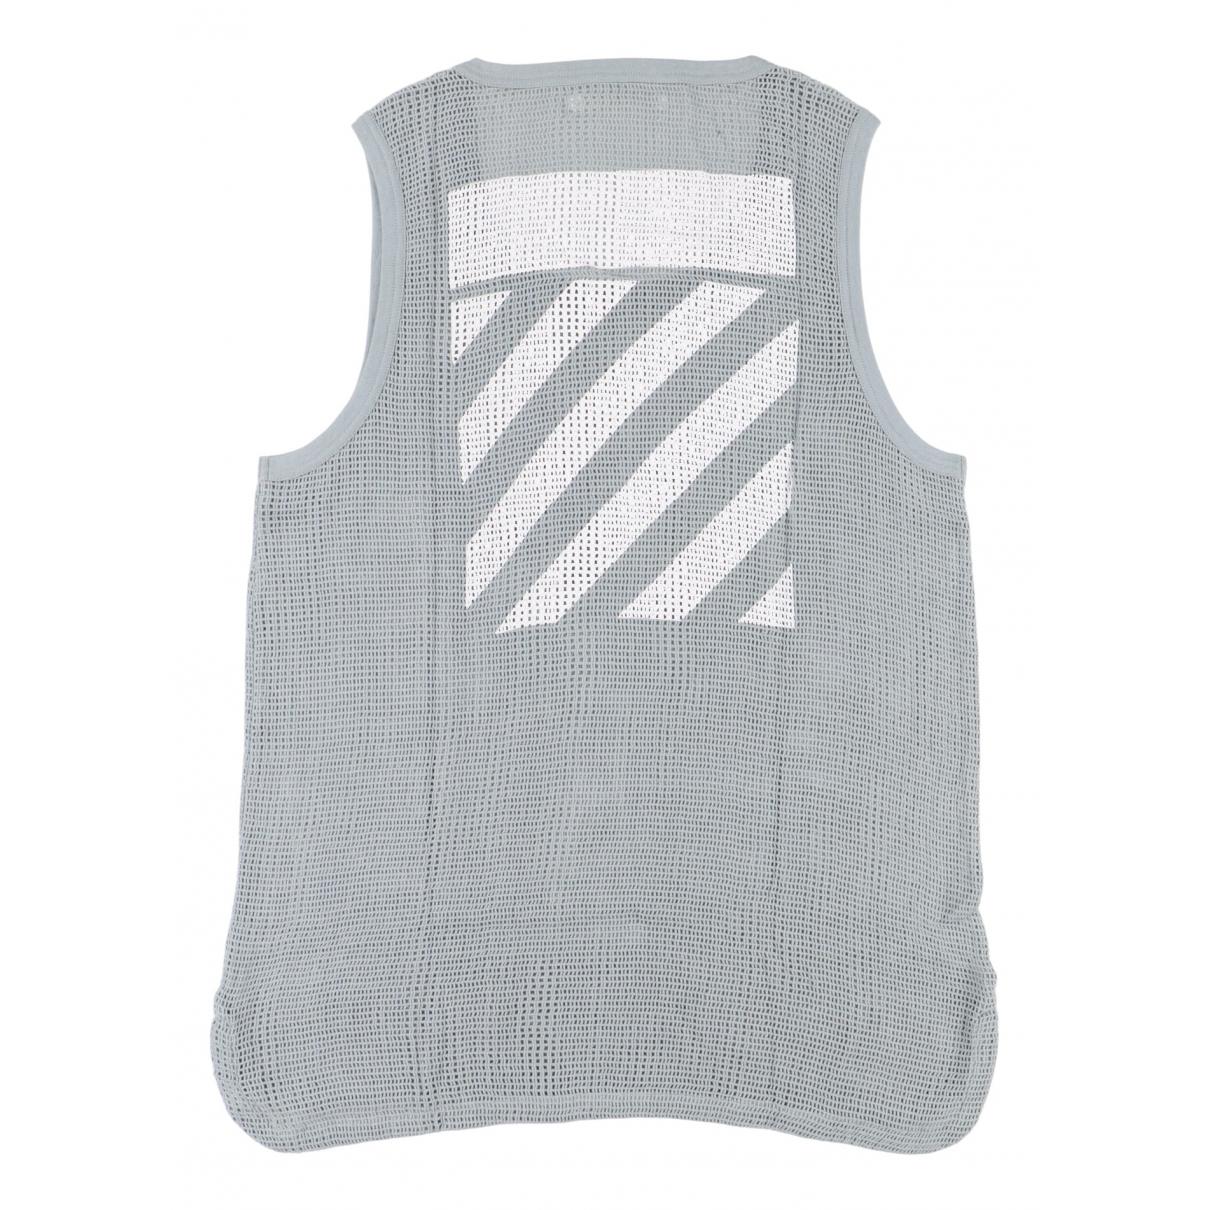 Off-white - Tee shirts   pour homme en coton - gris